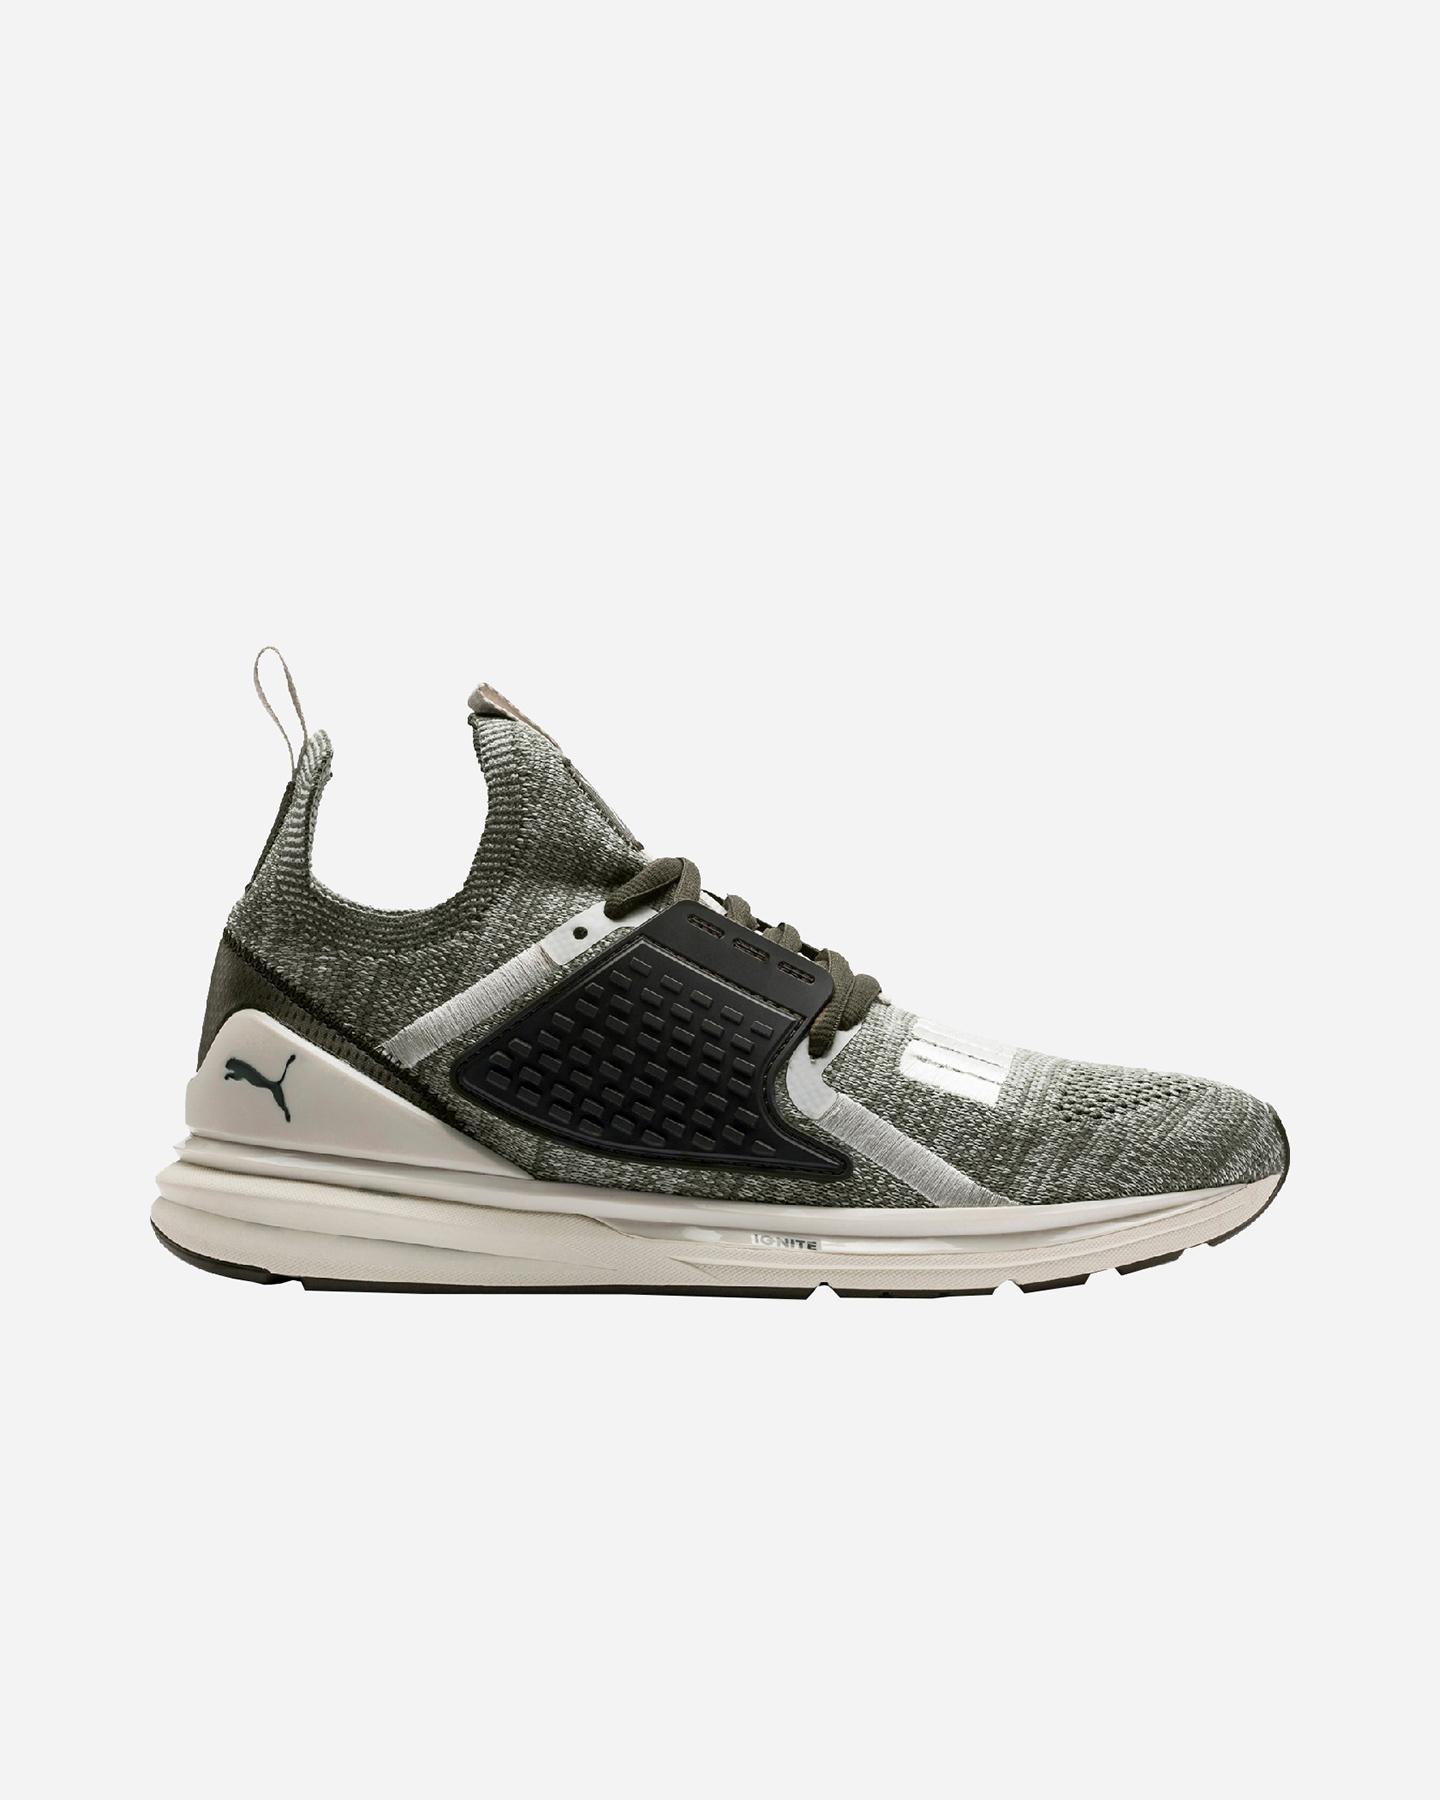 scarpa puma ignite